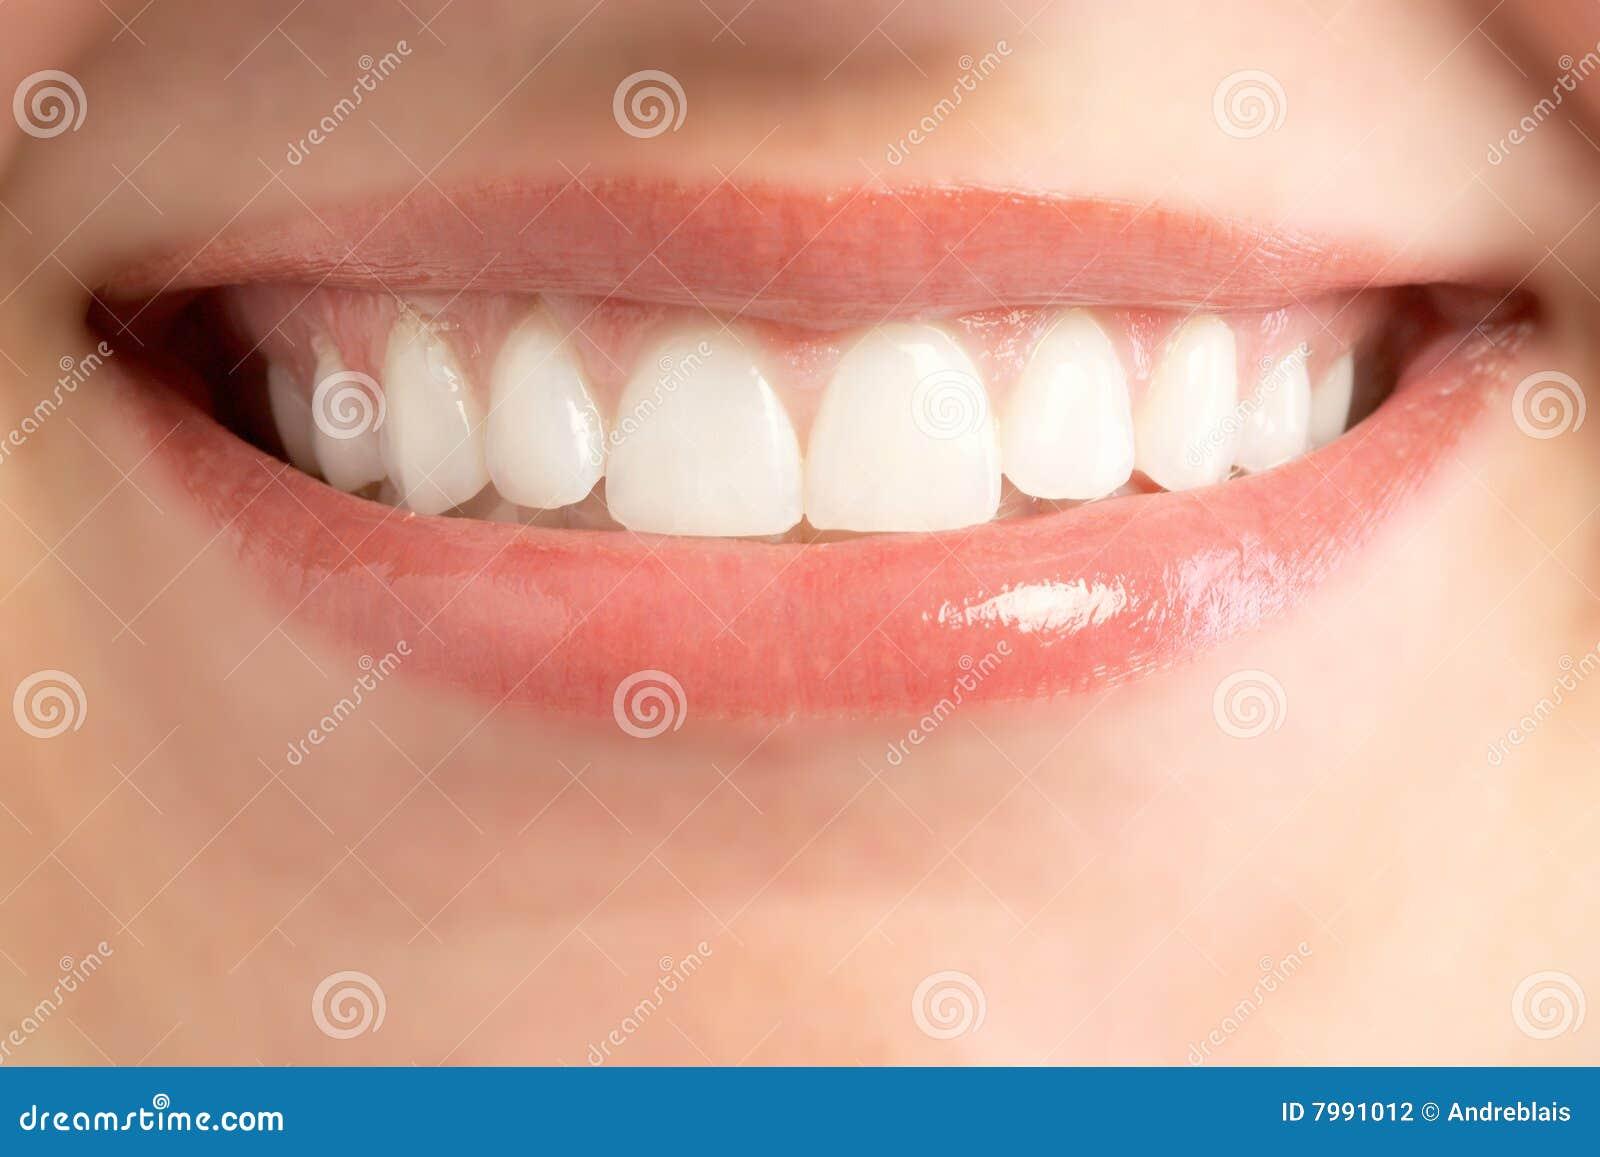 усмешка рта